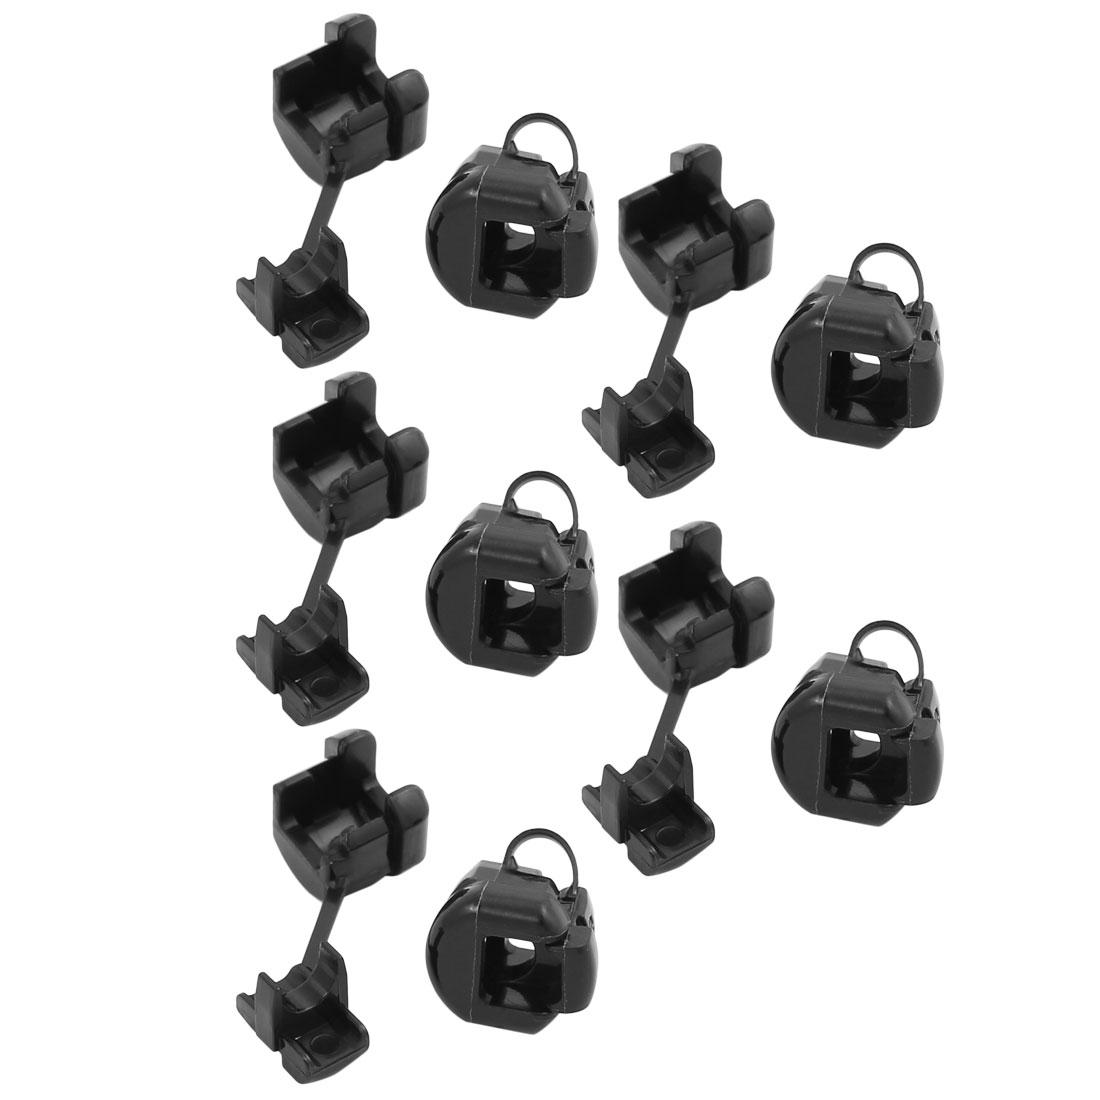 10Pcs 5N-4 Round Cable Wire Strain Relief Bush Grommet 11mm Diameter Black